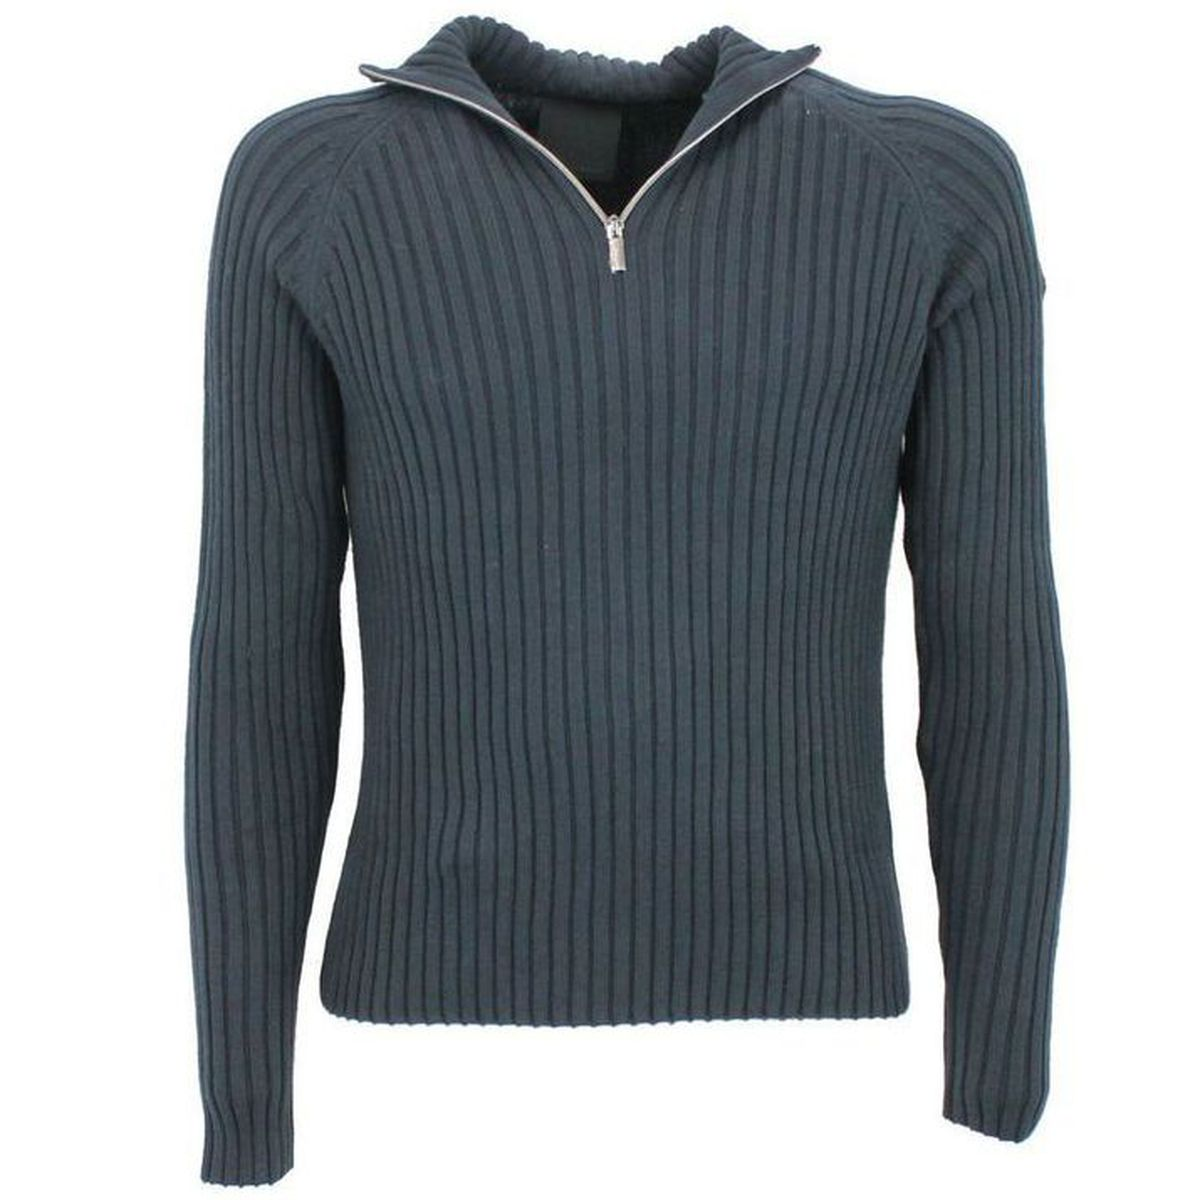 Maglione con collo a zip Blu RRD